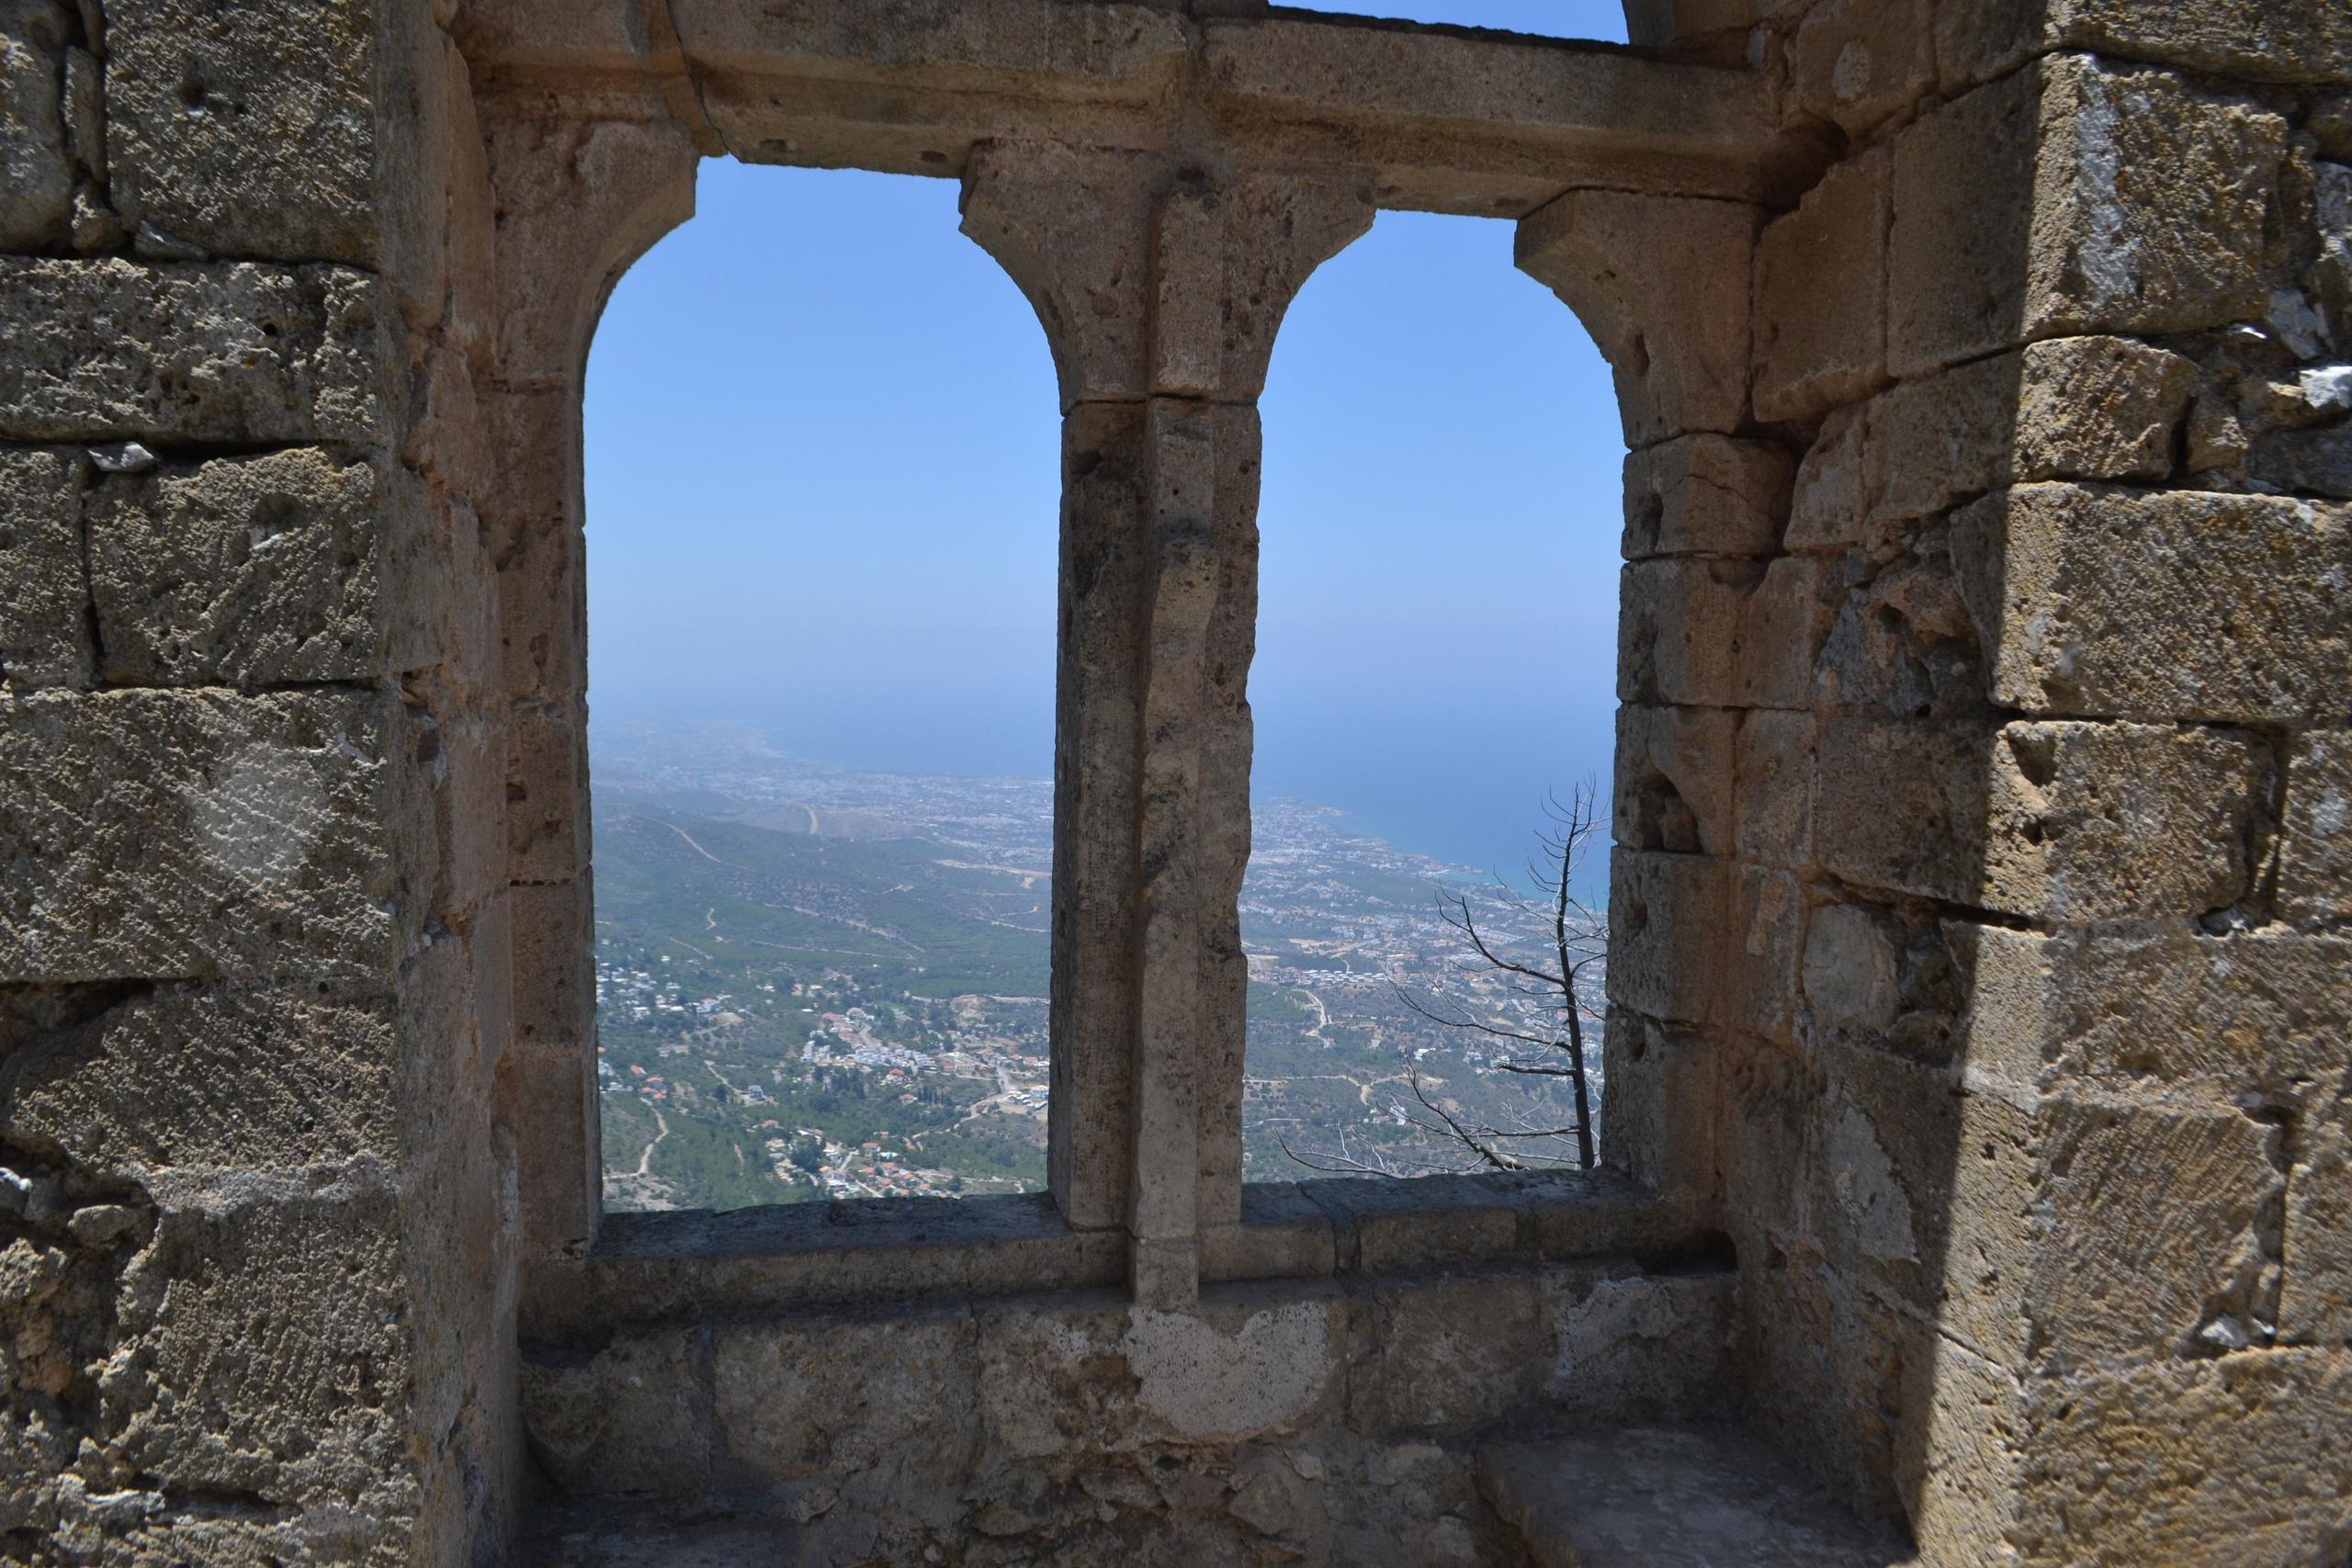 Северный Кипр. Замок Святого Иллариона. (фото). - Страница 3 6IH6YzgVXzQ